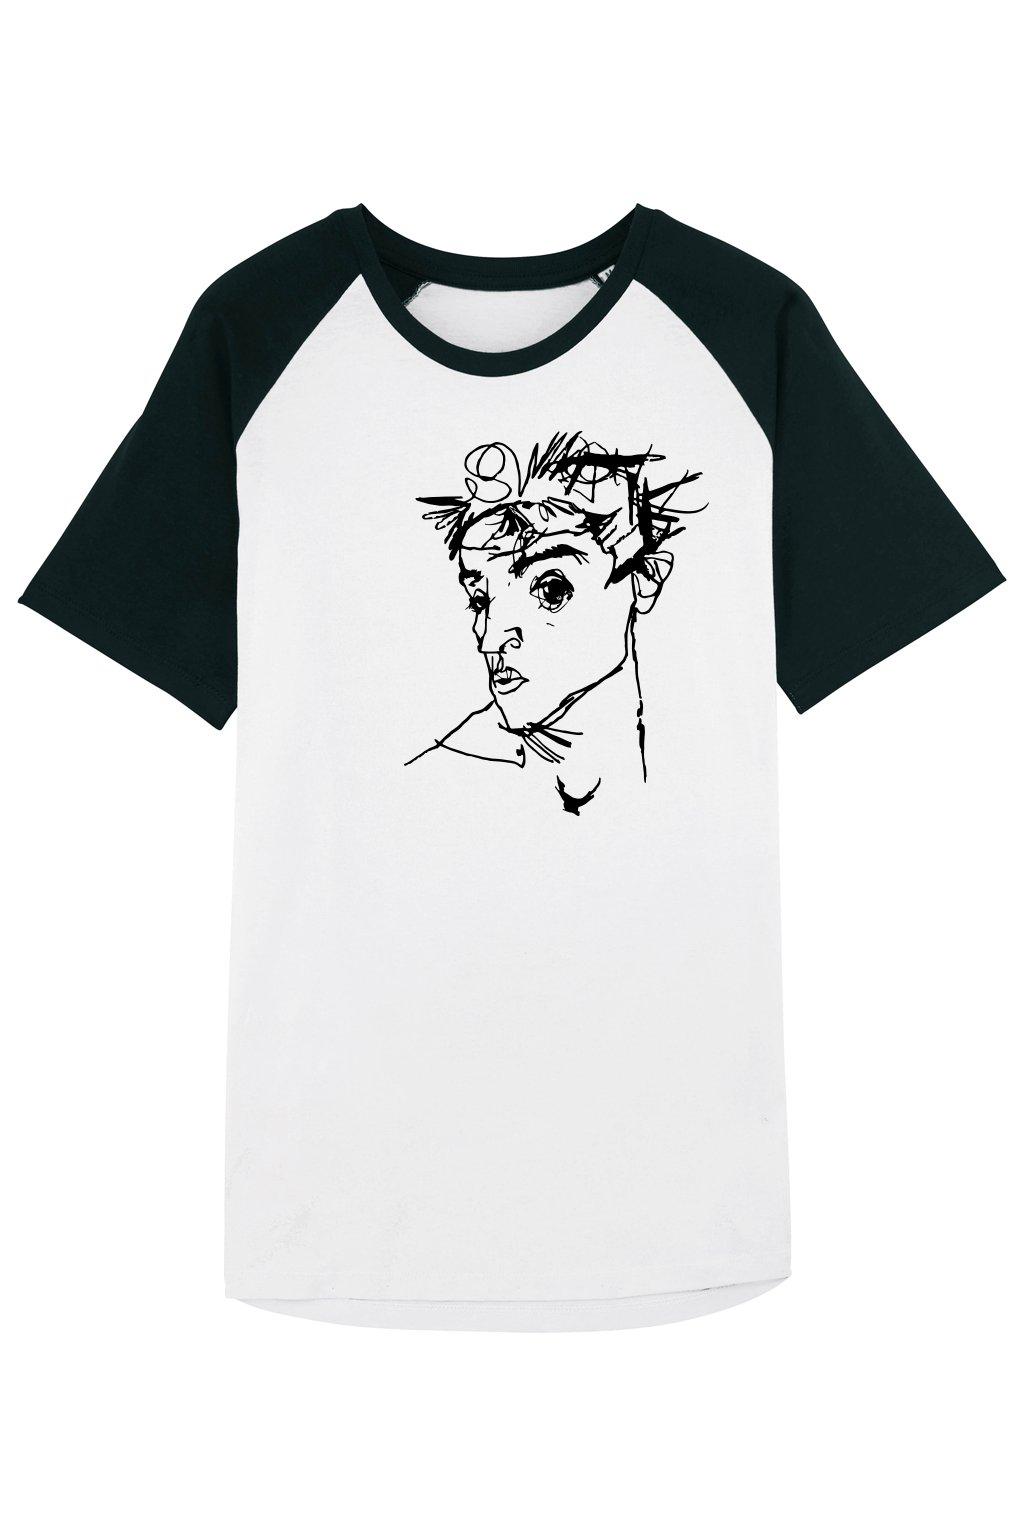 Svlíkárna Egon Schiele Self-Portrait tričko unisex - předek - svlikarna.cz